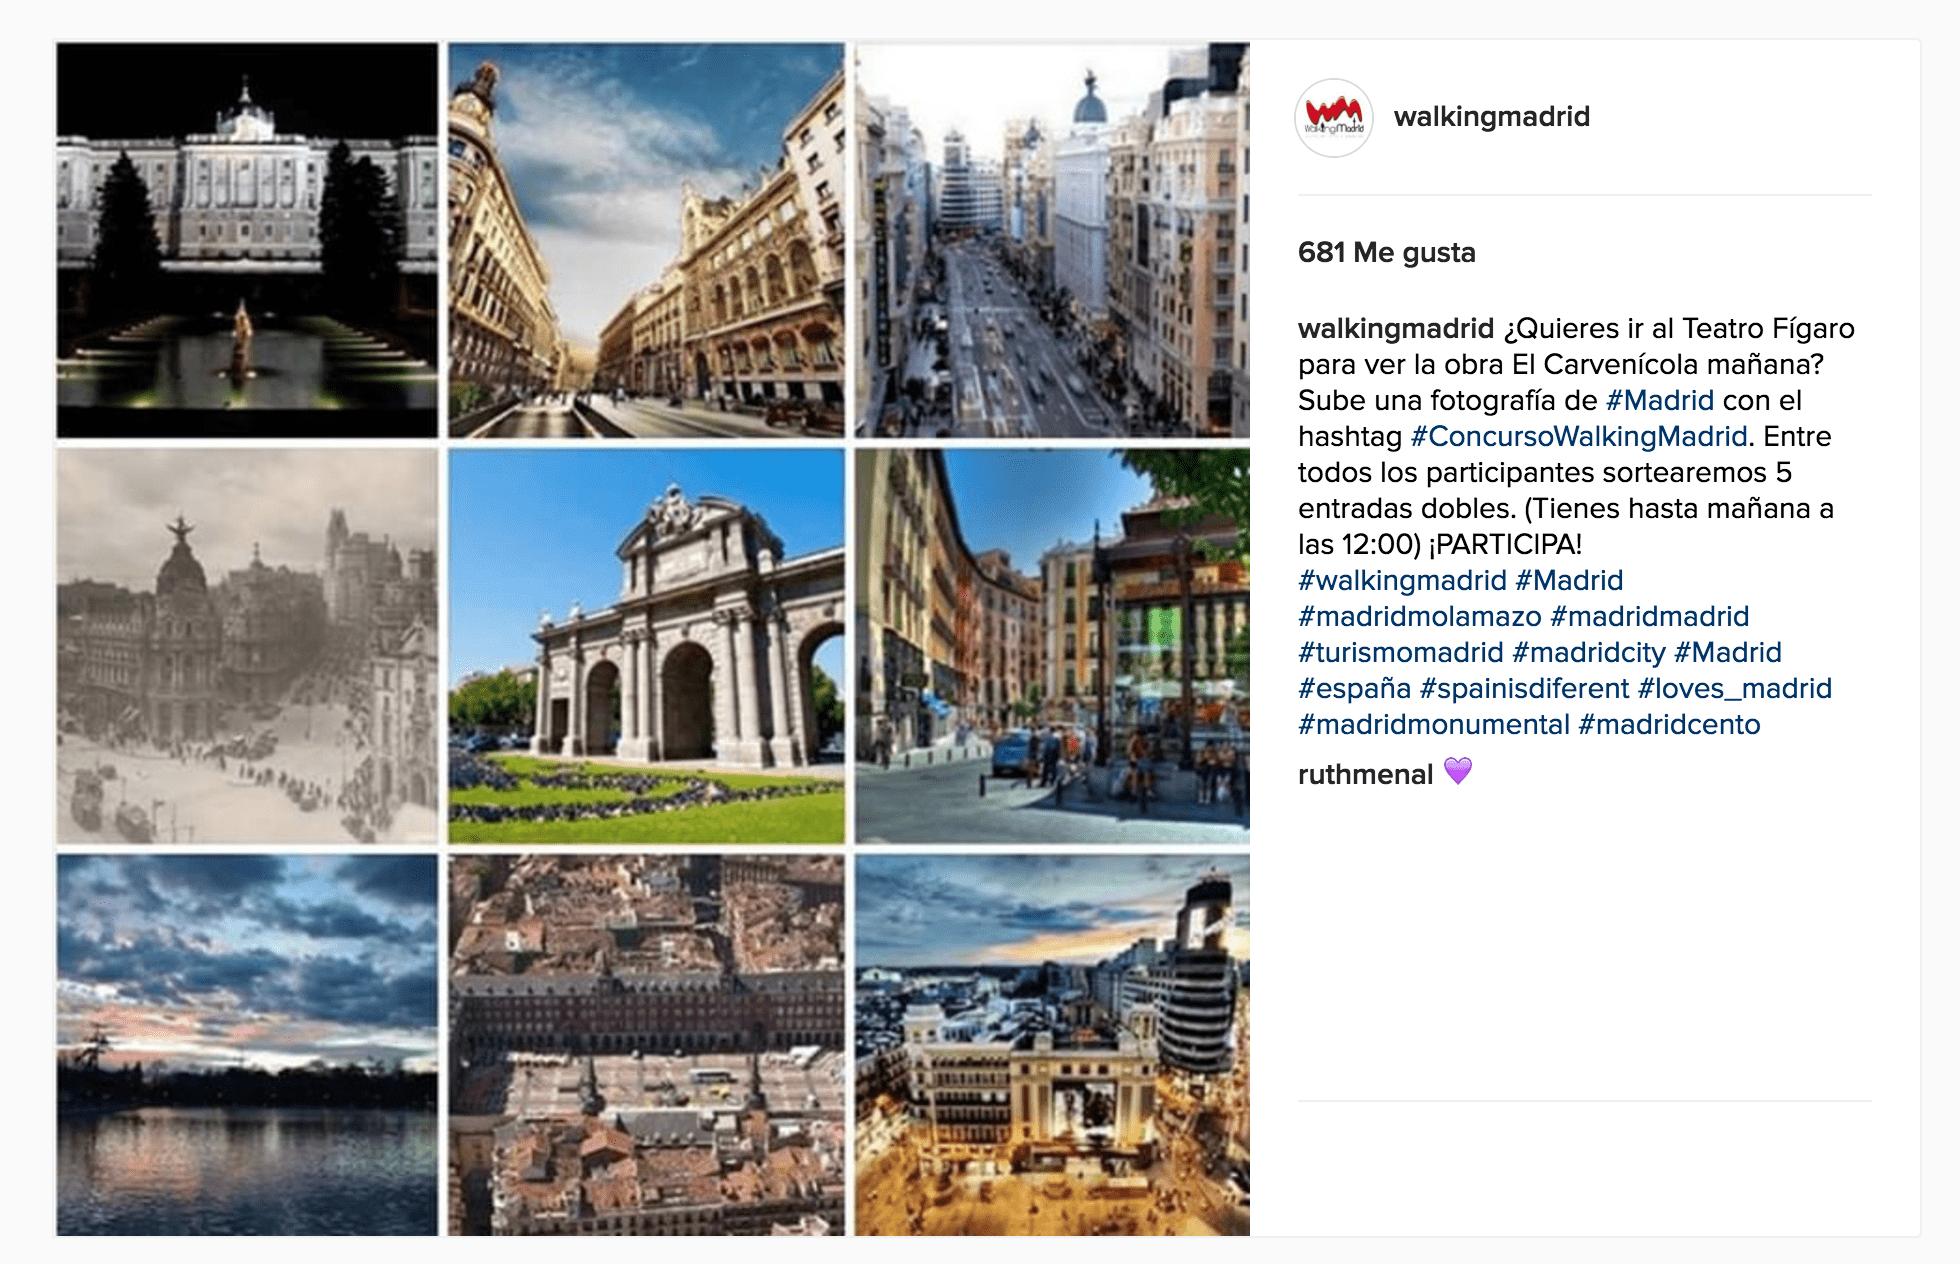 Wave On Media_Social Media_Walking Madrid Concurso Instagram